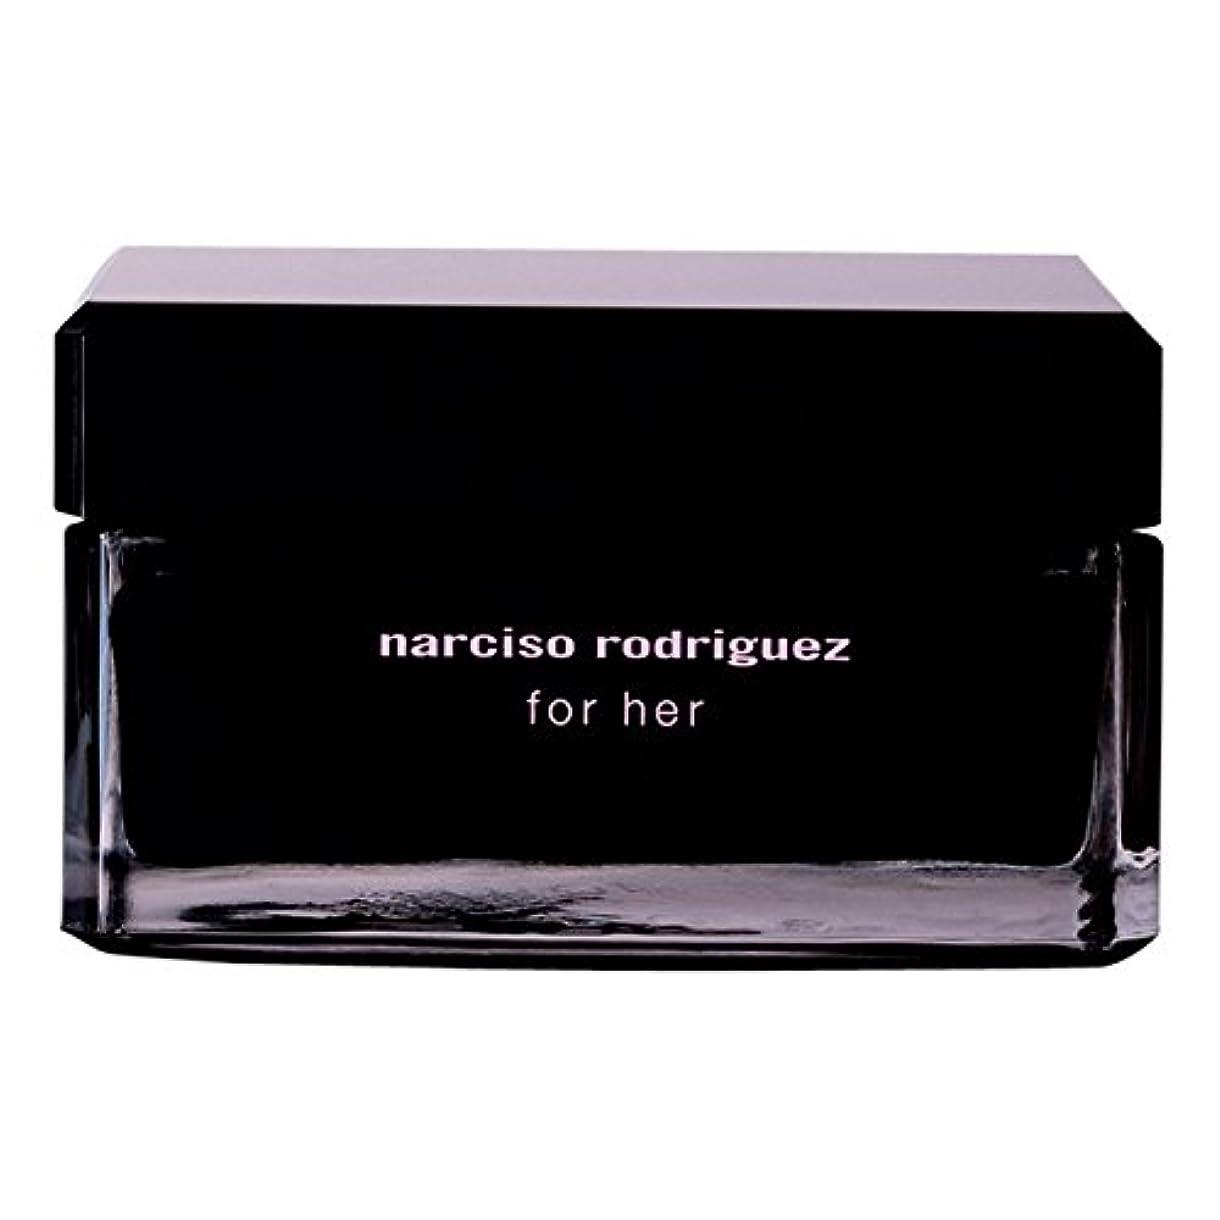 バスト絶え間ないゴージャスナルシソ?ロドリゲスボディクリーム150ミリリットル (Narciso Rodriguez) - Narciso Rodriguez Body Cream 150ml [並行輸入品]